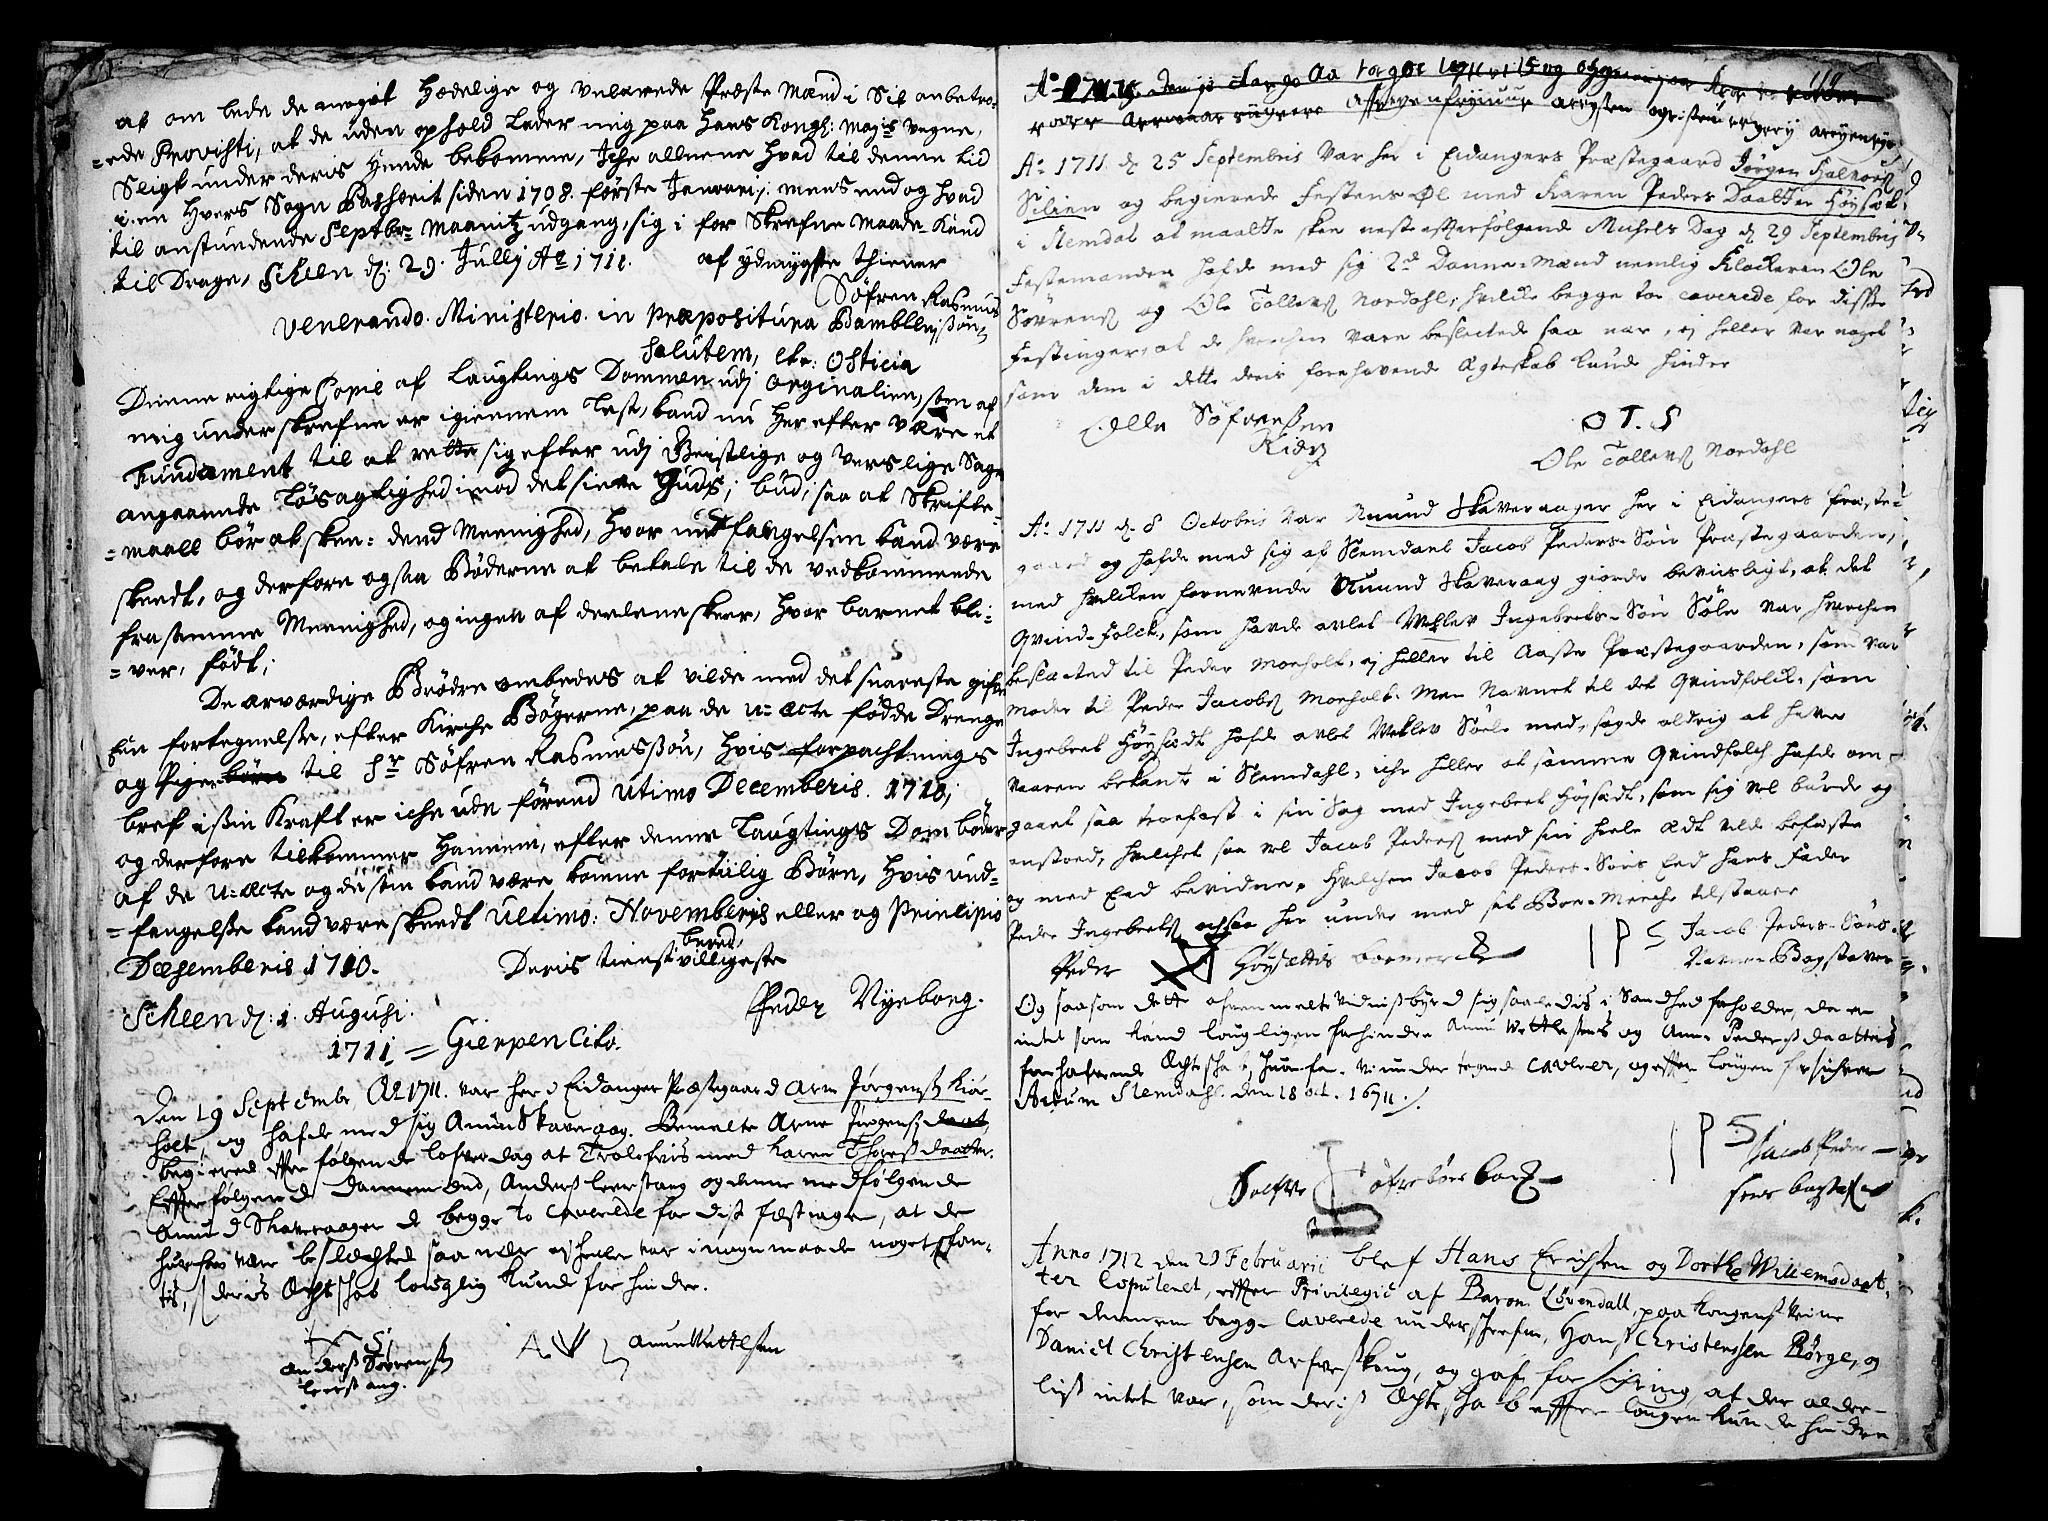 SAKO, Eidanger kirkebøker, F/Fa/L0001: Ministerialbok nr. 1, 1695-1717, s. 36